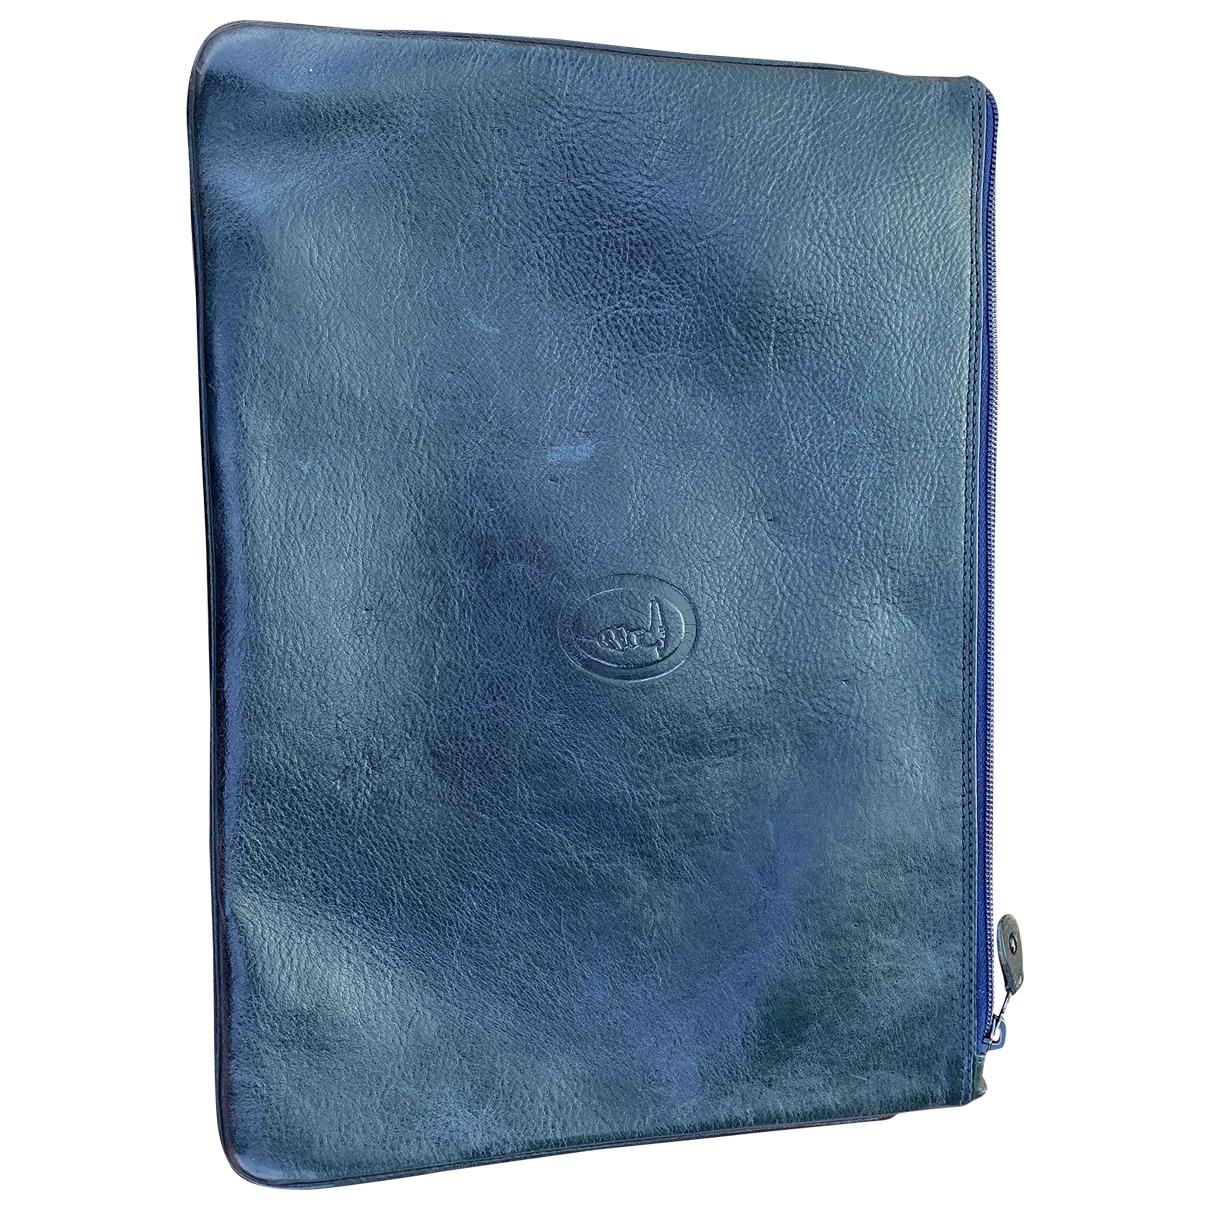 Trussardi \N Clutch in  Blau Leder